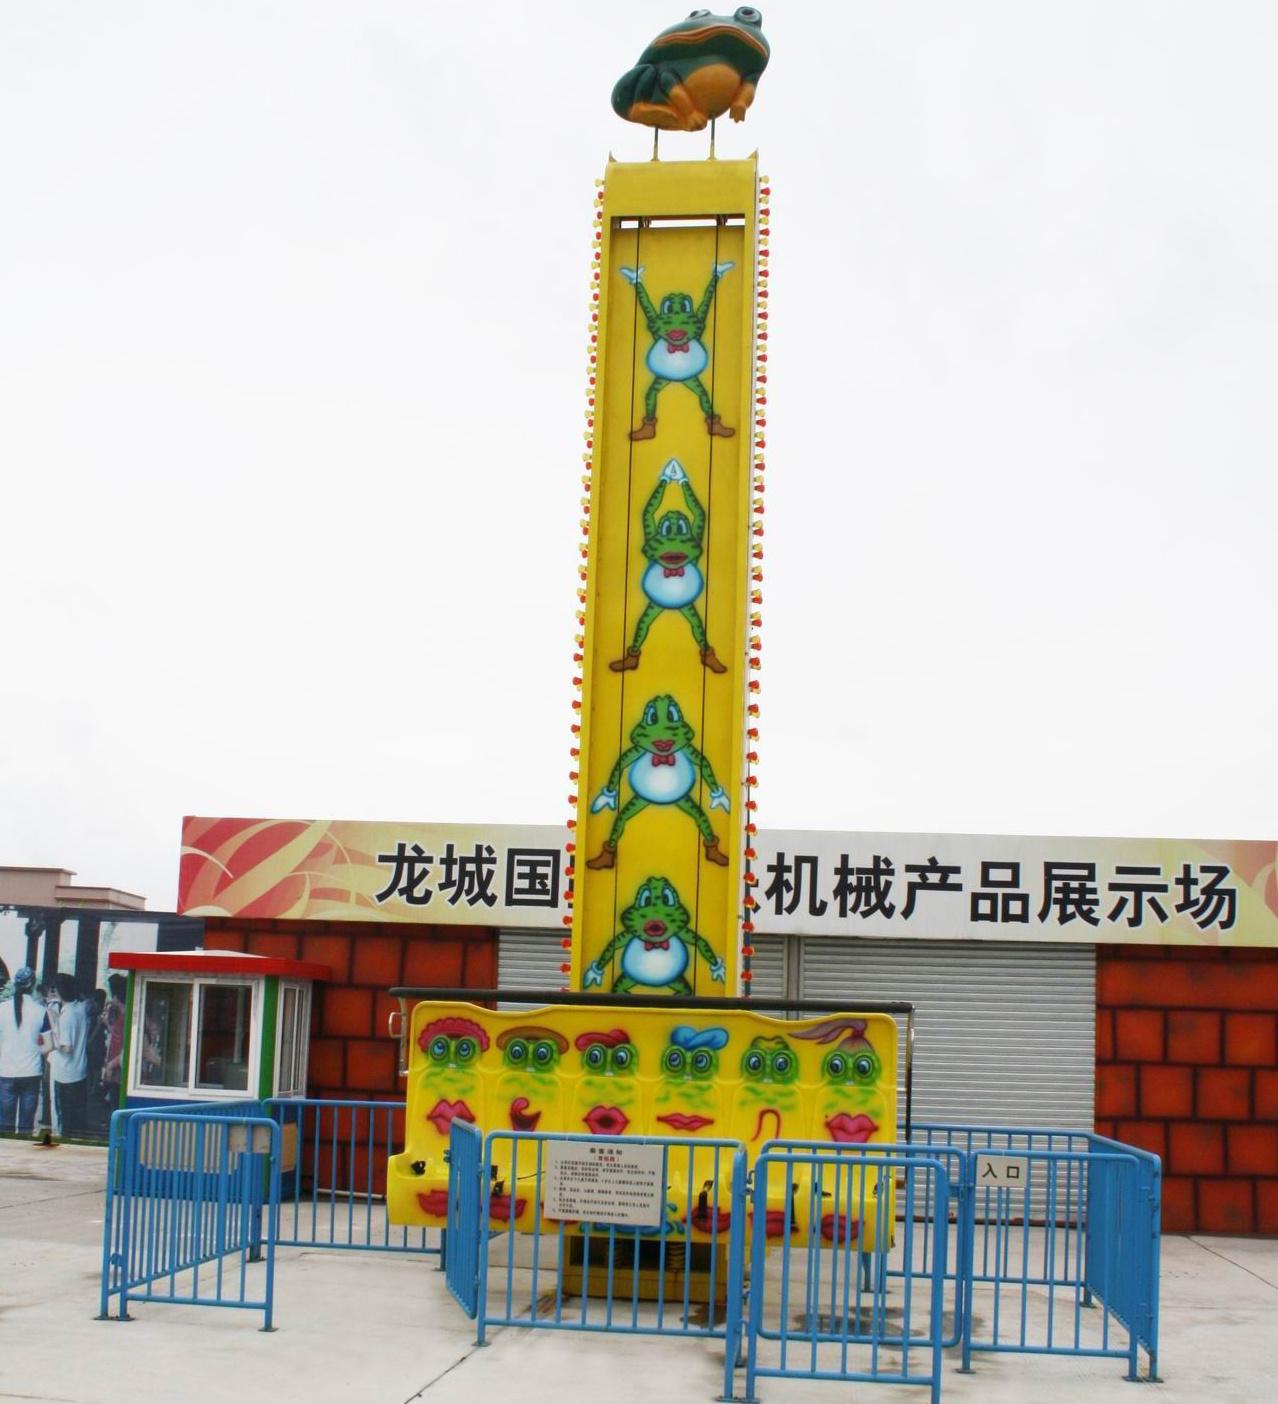 销售火爆公园游乐6座青蛙跳 迎六一十一大洋直销大型弹跳青蛙跳项目示例图10